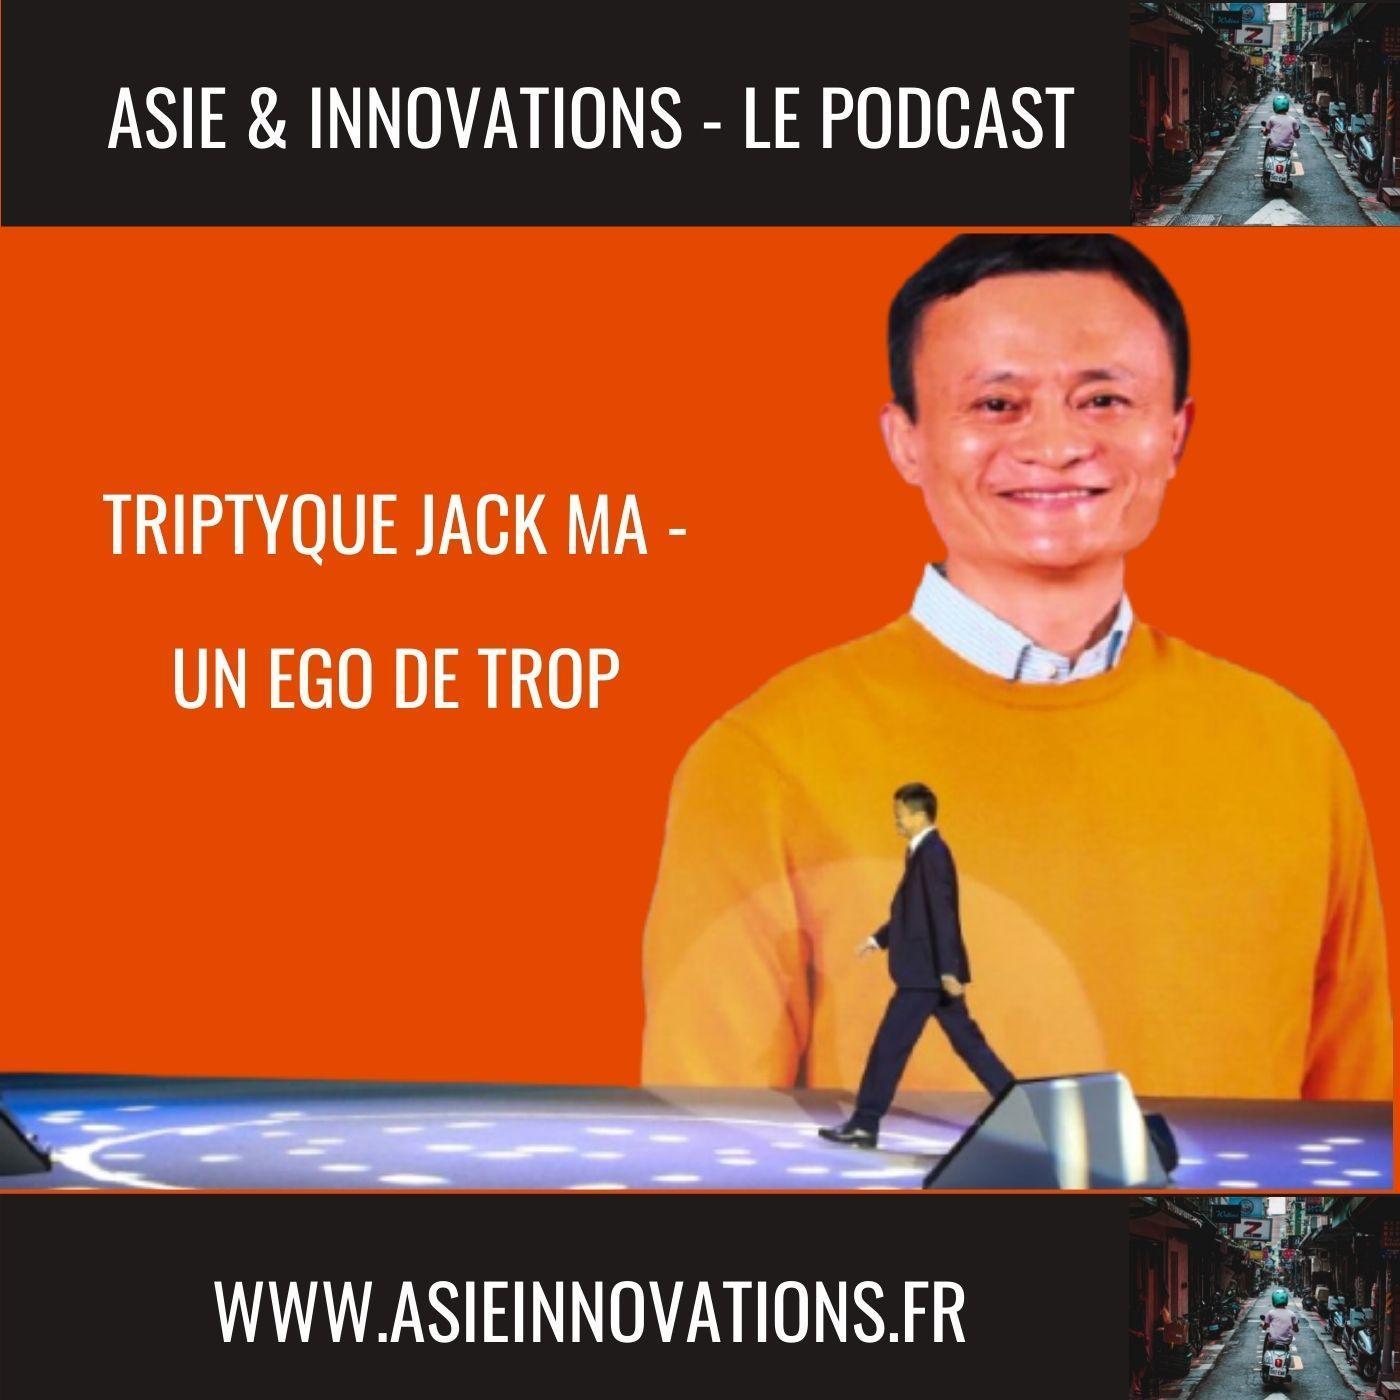 Triptyque Jack Ma - Un égo de trop